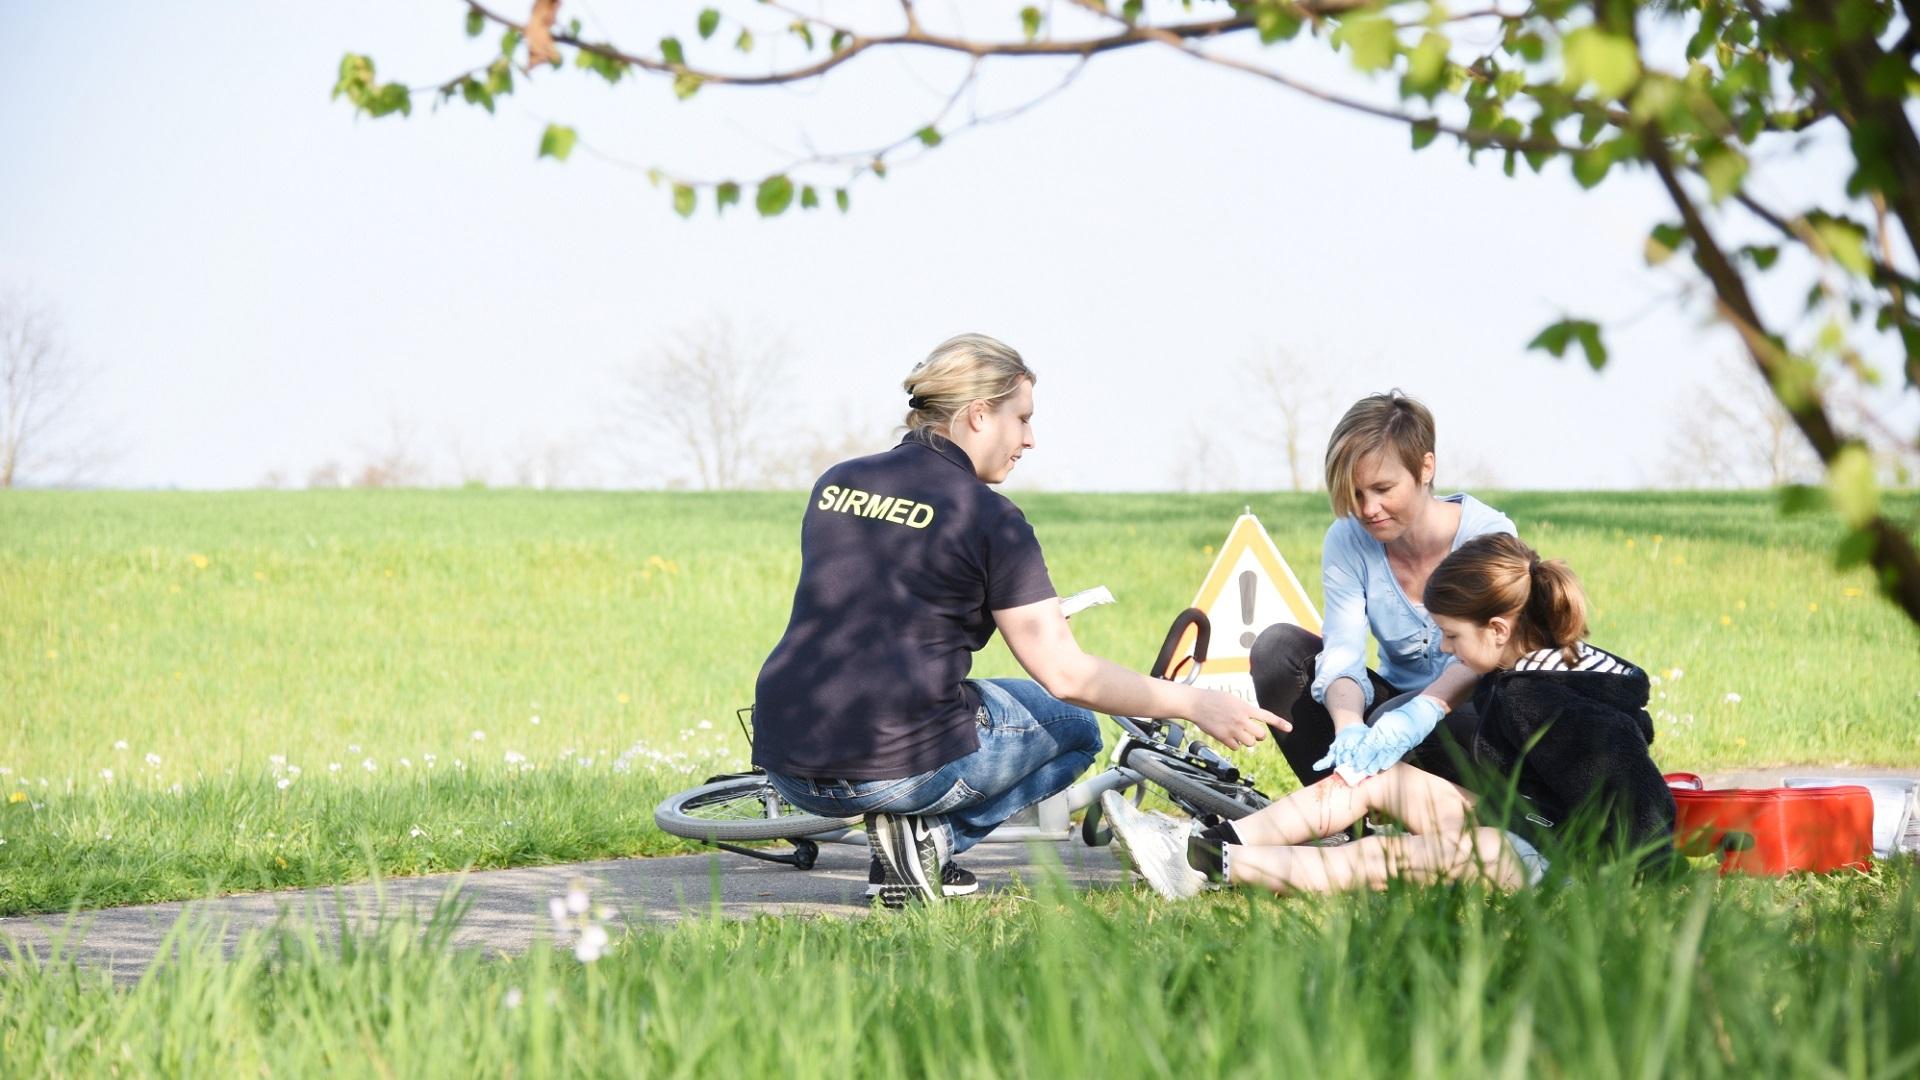 Kind wird nach Fahrradsturz behandelt